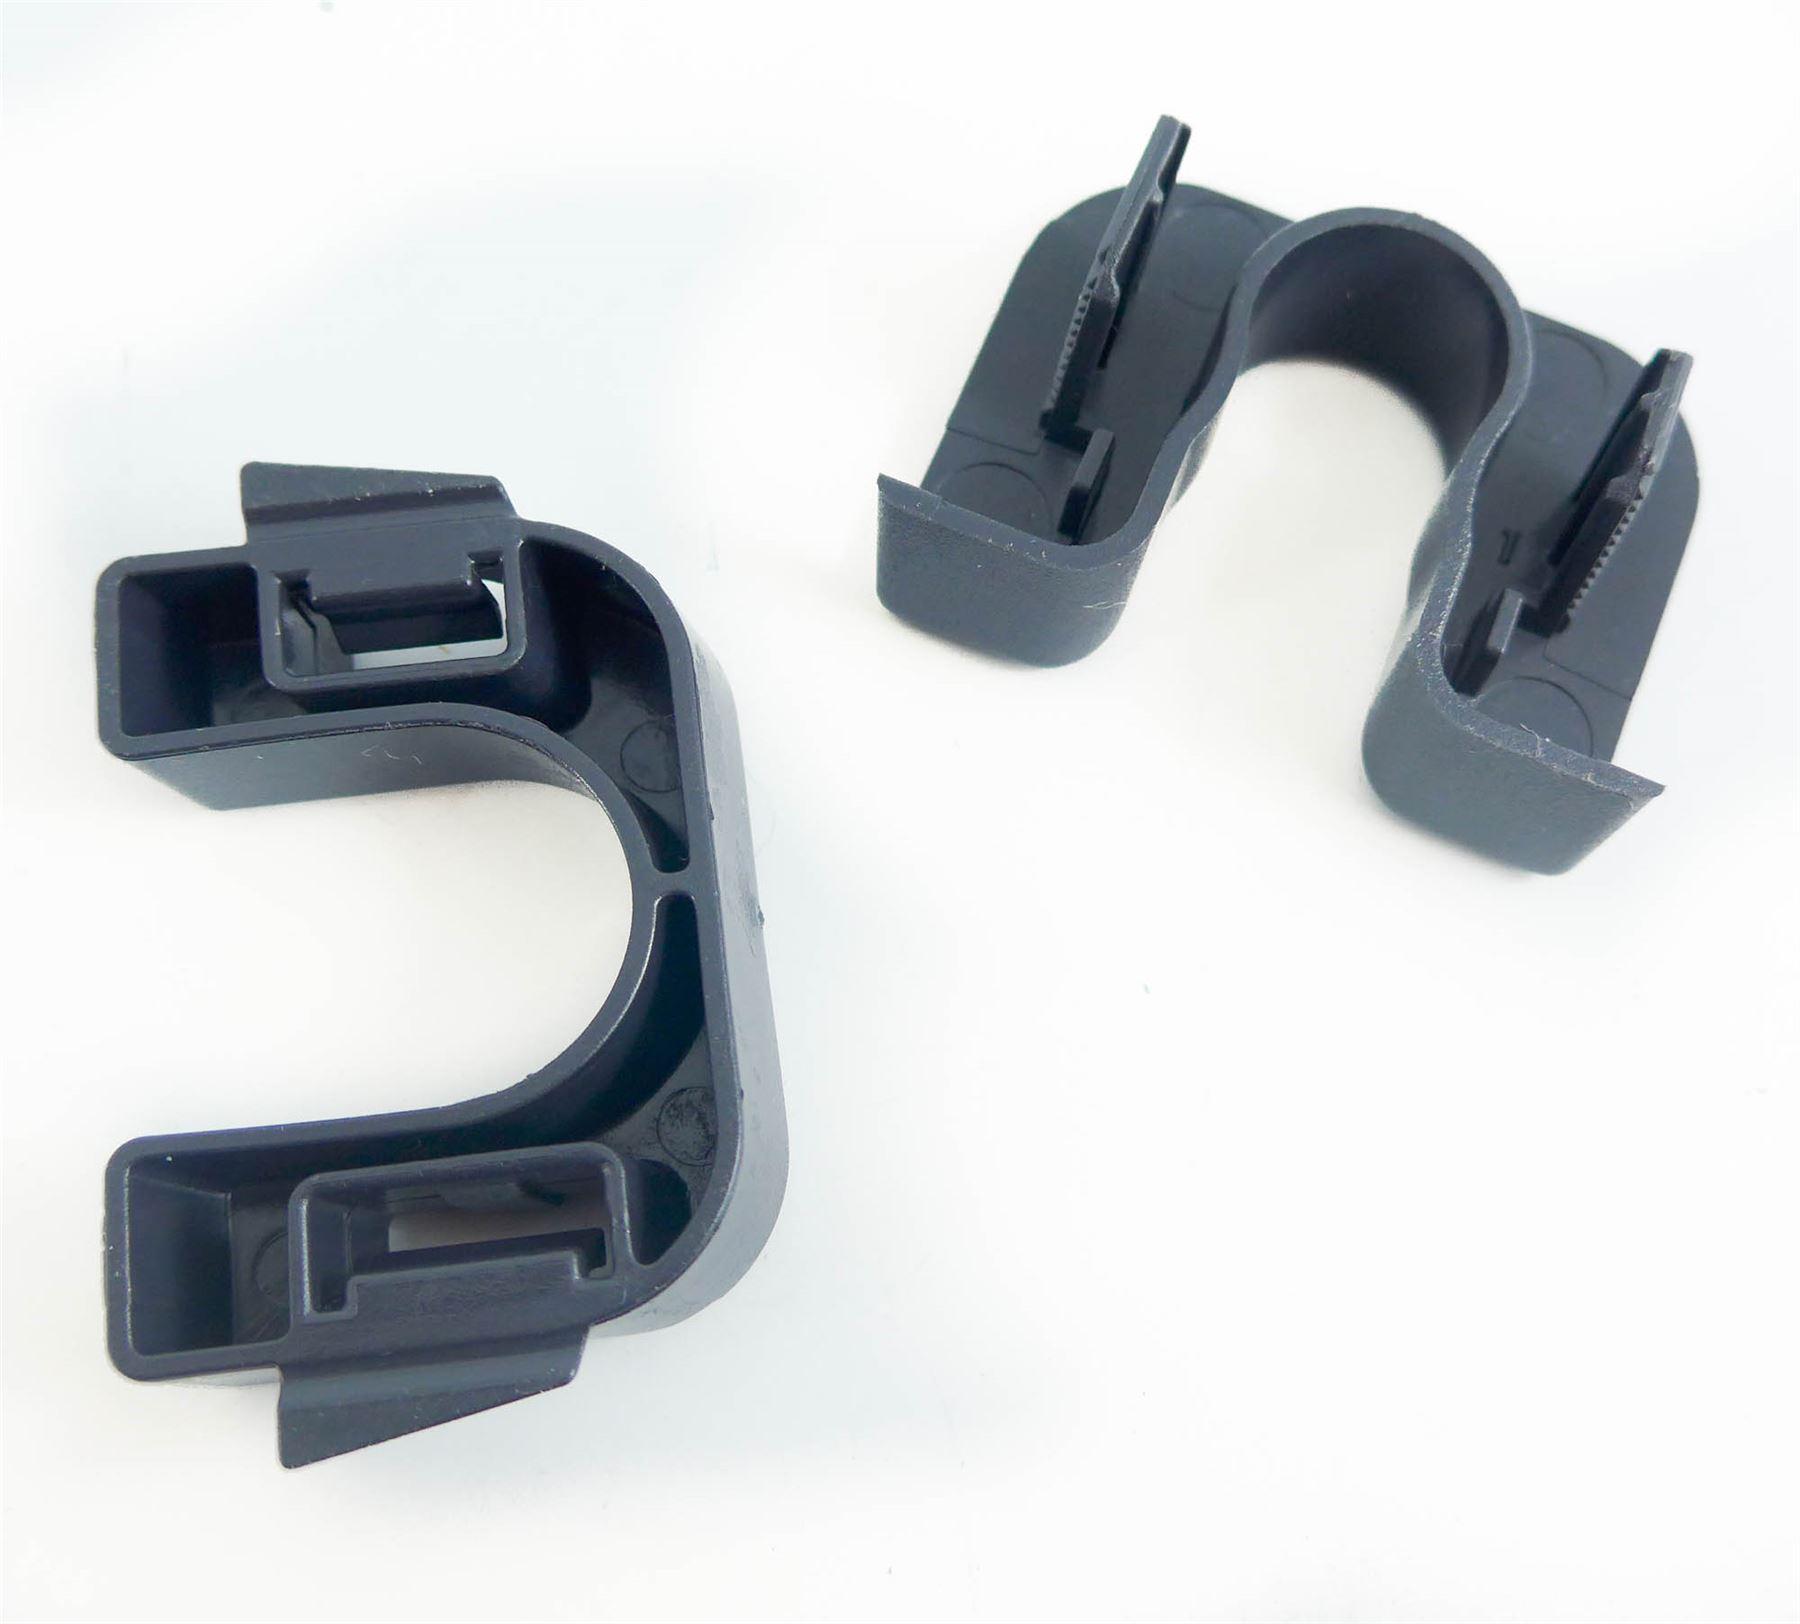 Citroen C3 & DS3 Rear Parcel Shelf Clip Fastening Bracket